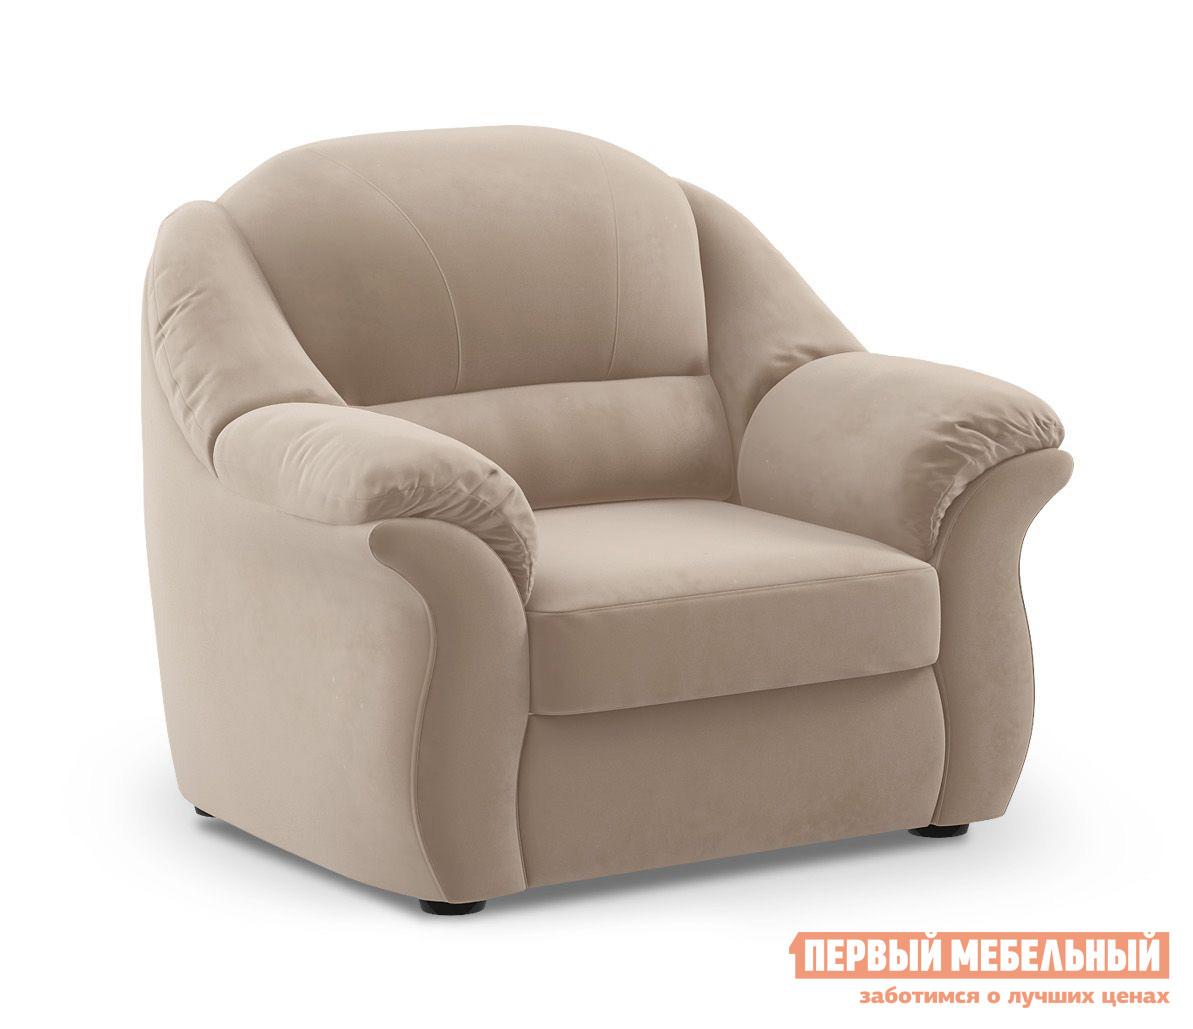 Кресло Живые диваны Бостон 017